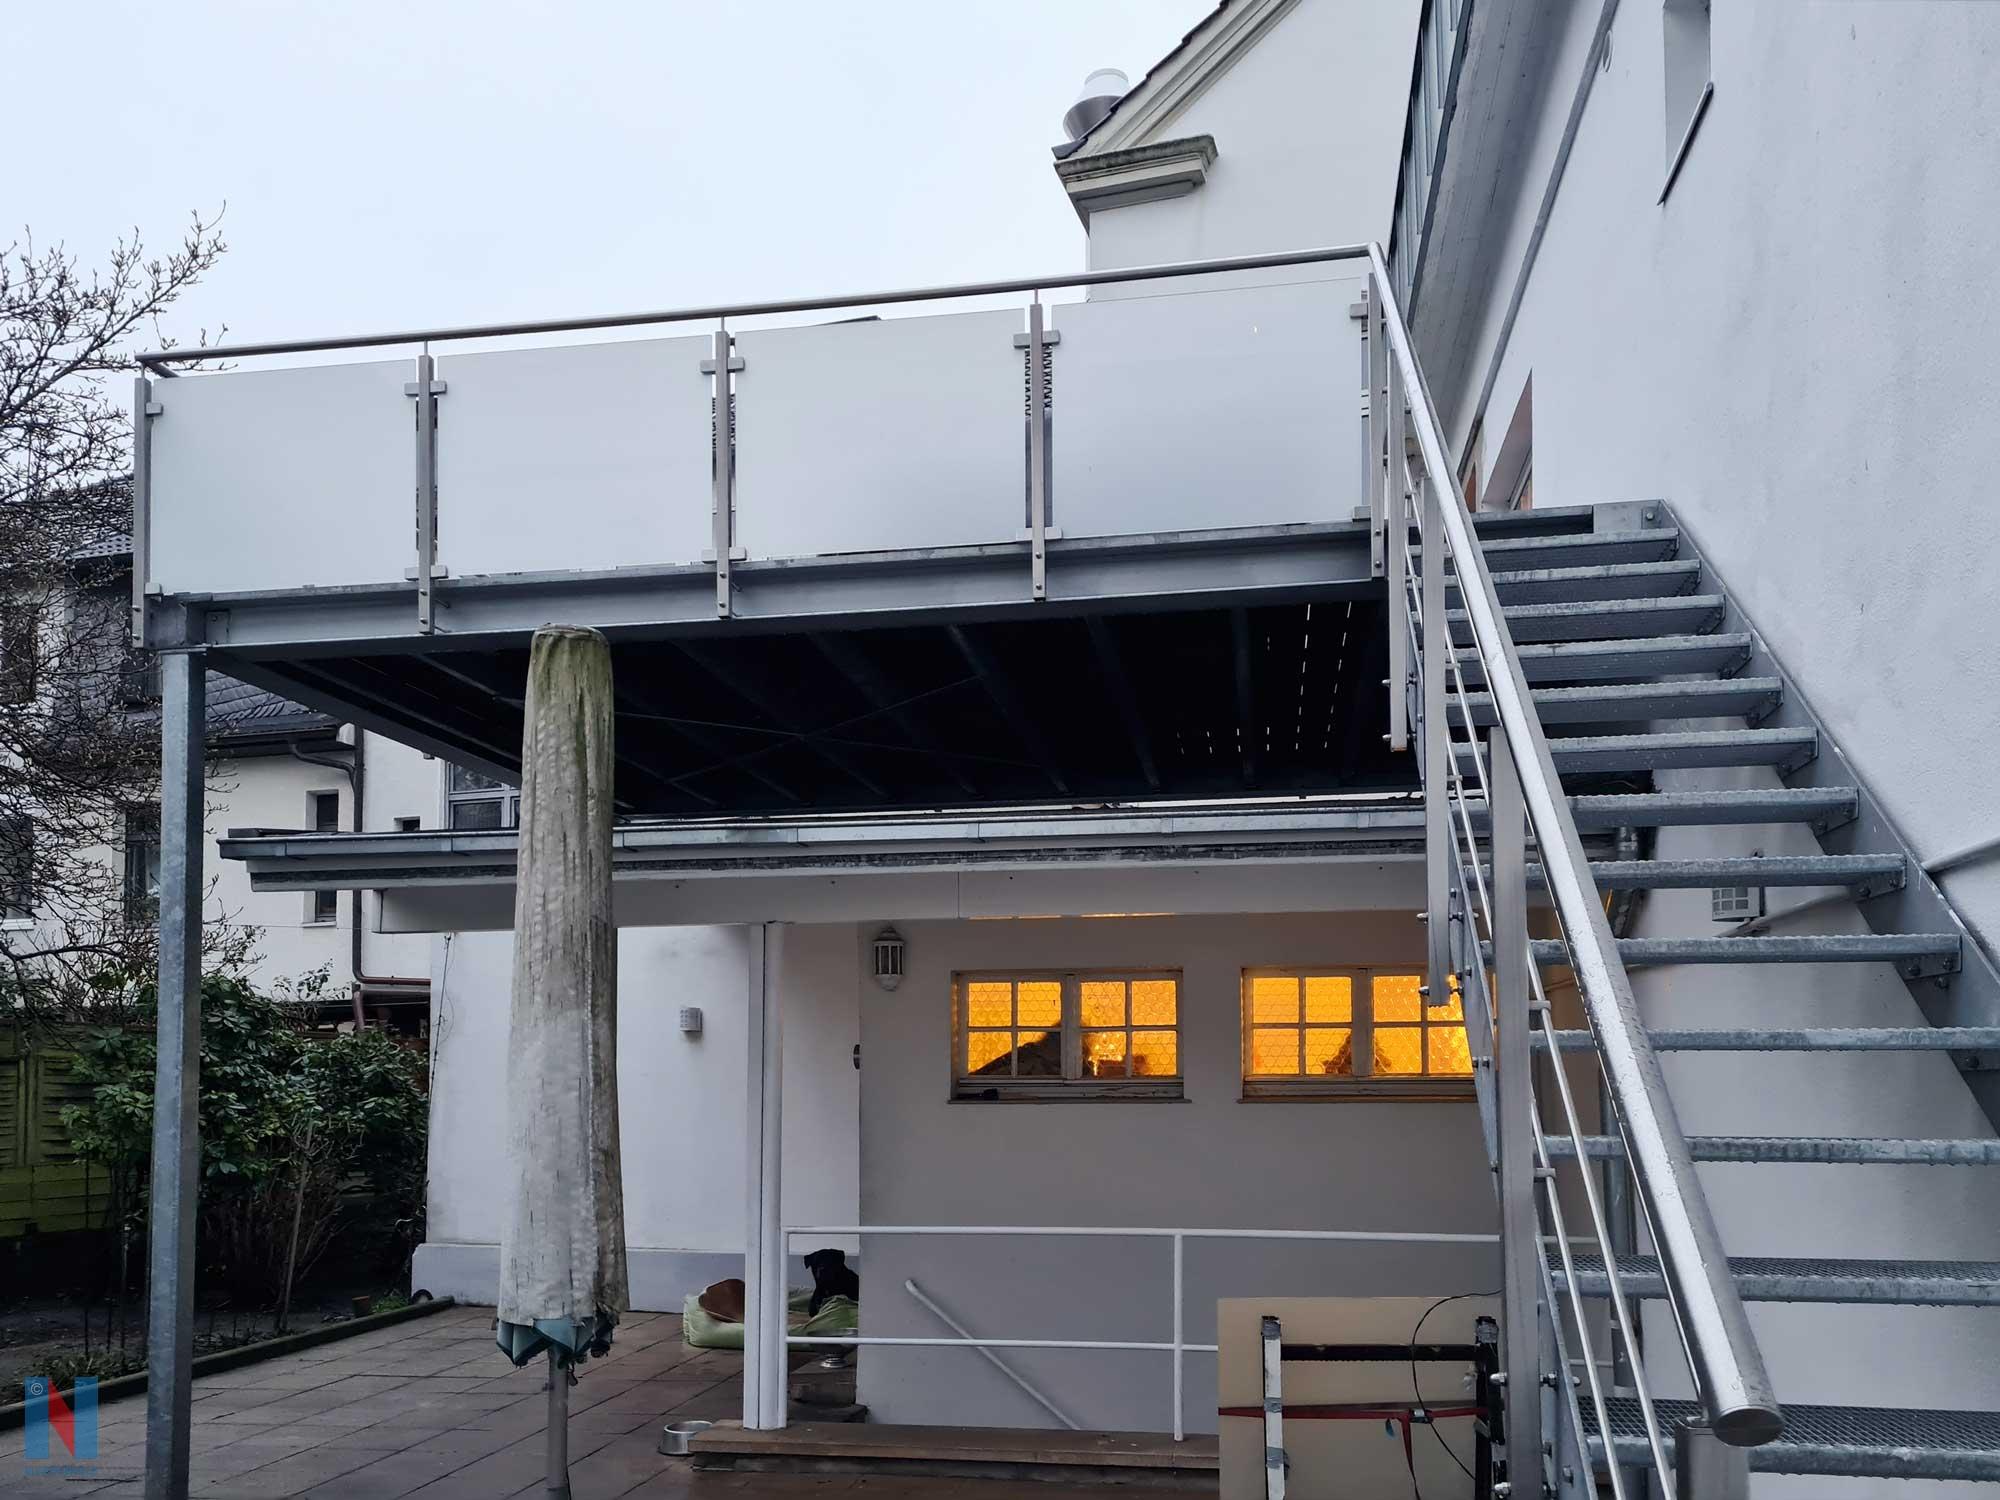 Anbau aus Stahl in Düsseldorf: Stahlkonstruktion mit Treppe, Edelstahlgeländer und Sicherheitsglas, gebaut und umgesetzt von der Edelstahlschlosserei Nappenfeld aus Mülheim